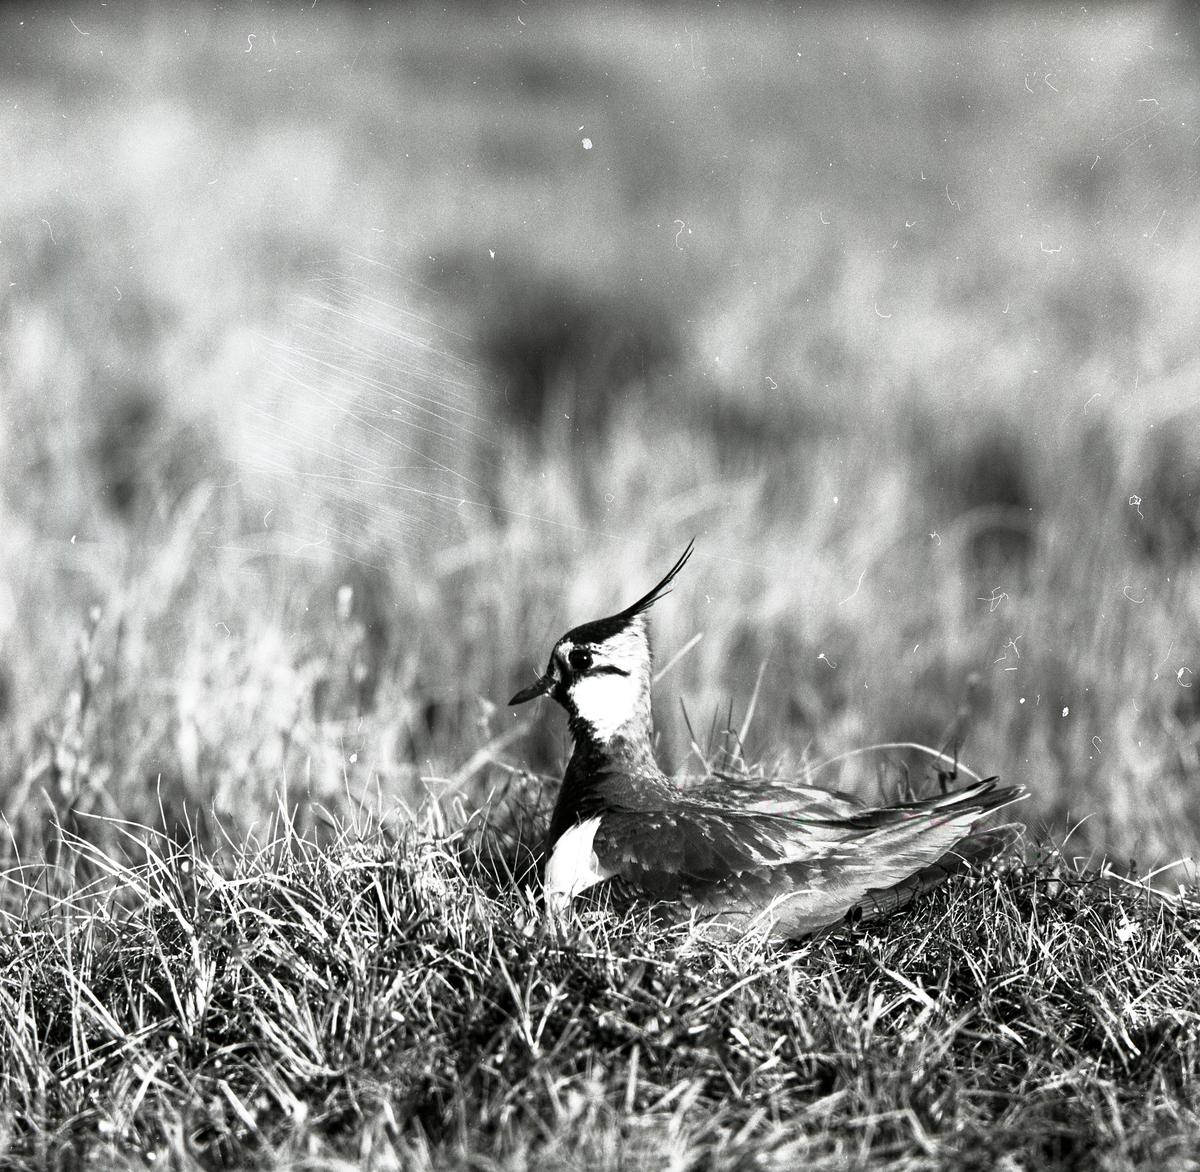 En tofsvipa ligger i gräset, 26 maj 1957.